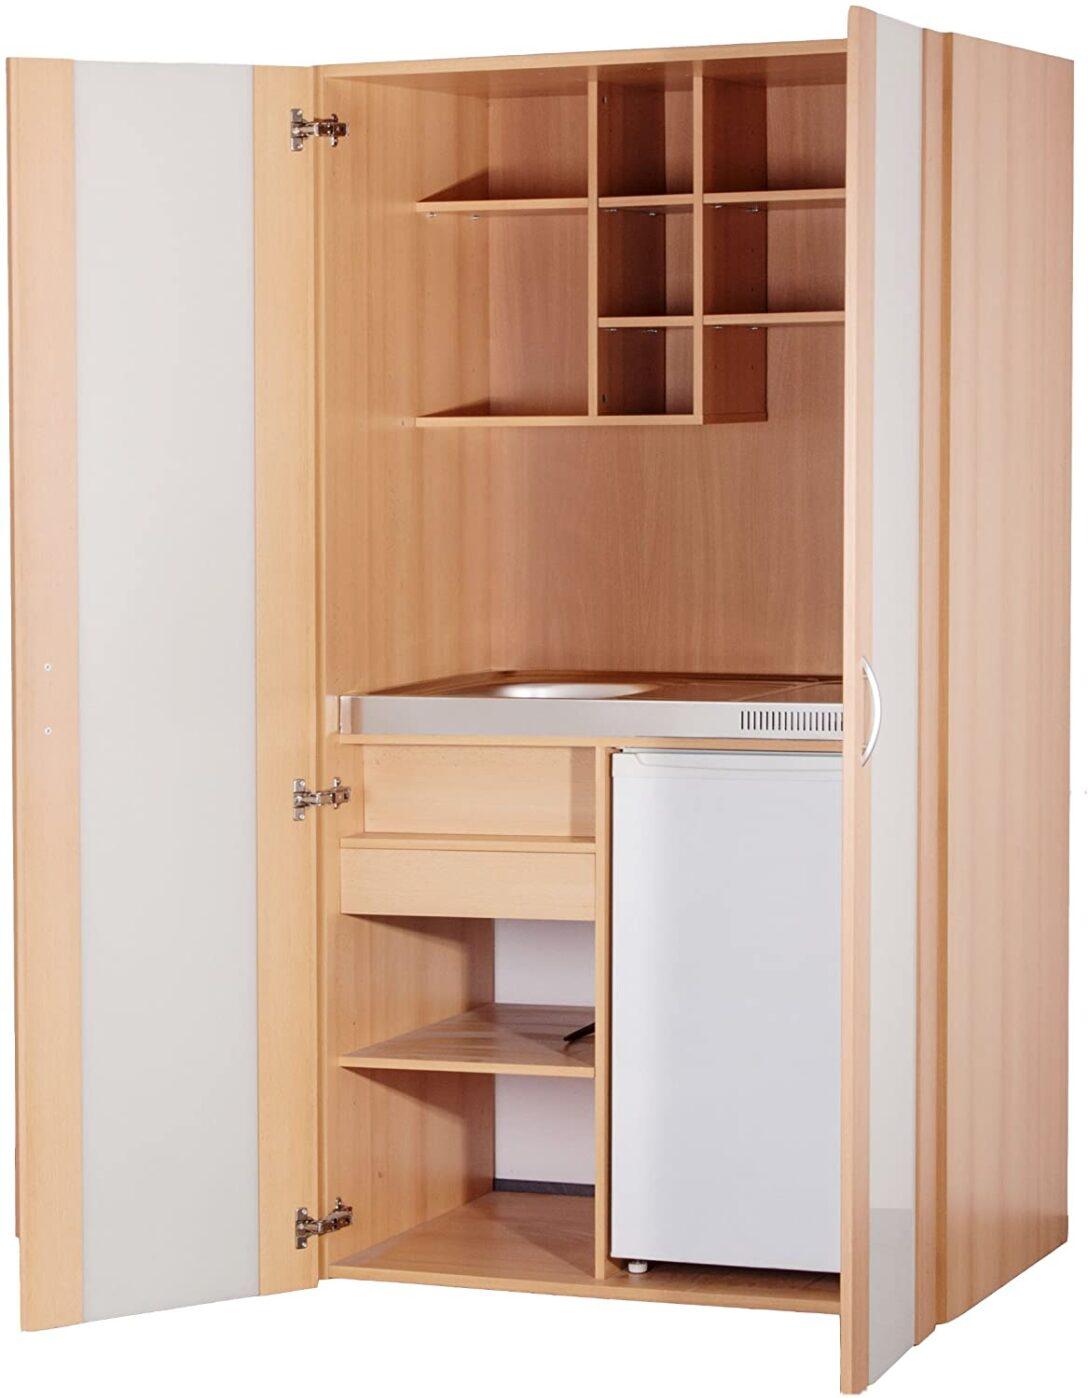 Large Size of Mk0009s Kche Ikea Küche Kosten Modulküche Singleküche Mit E Geräten Miniküche Betten Bei Kaufen Sofa Schlaffunktion 160x200 Kühlschrank Wohnzimmer Ikea Singleküche Värde